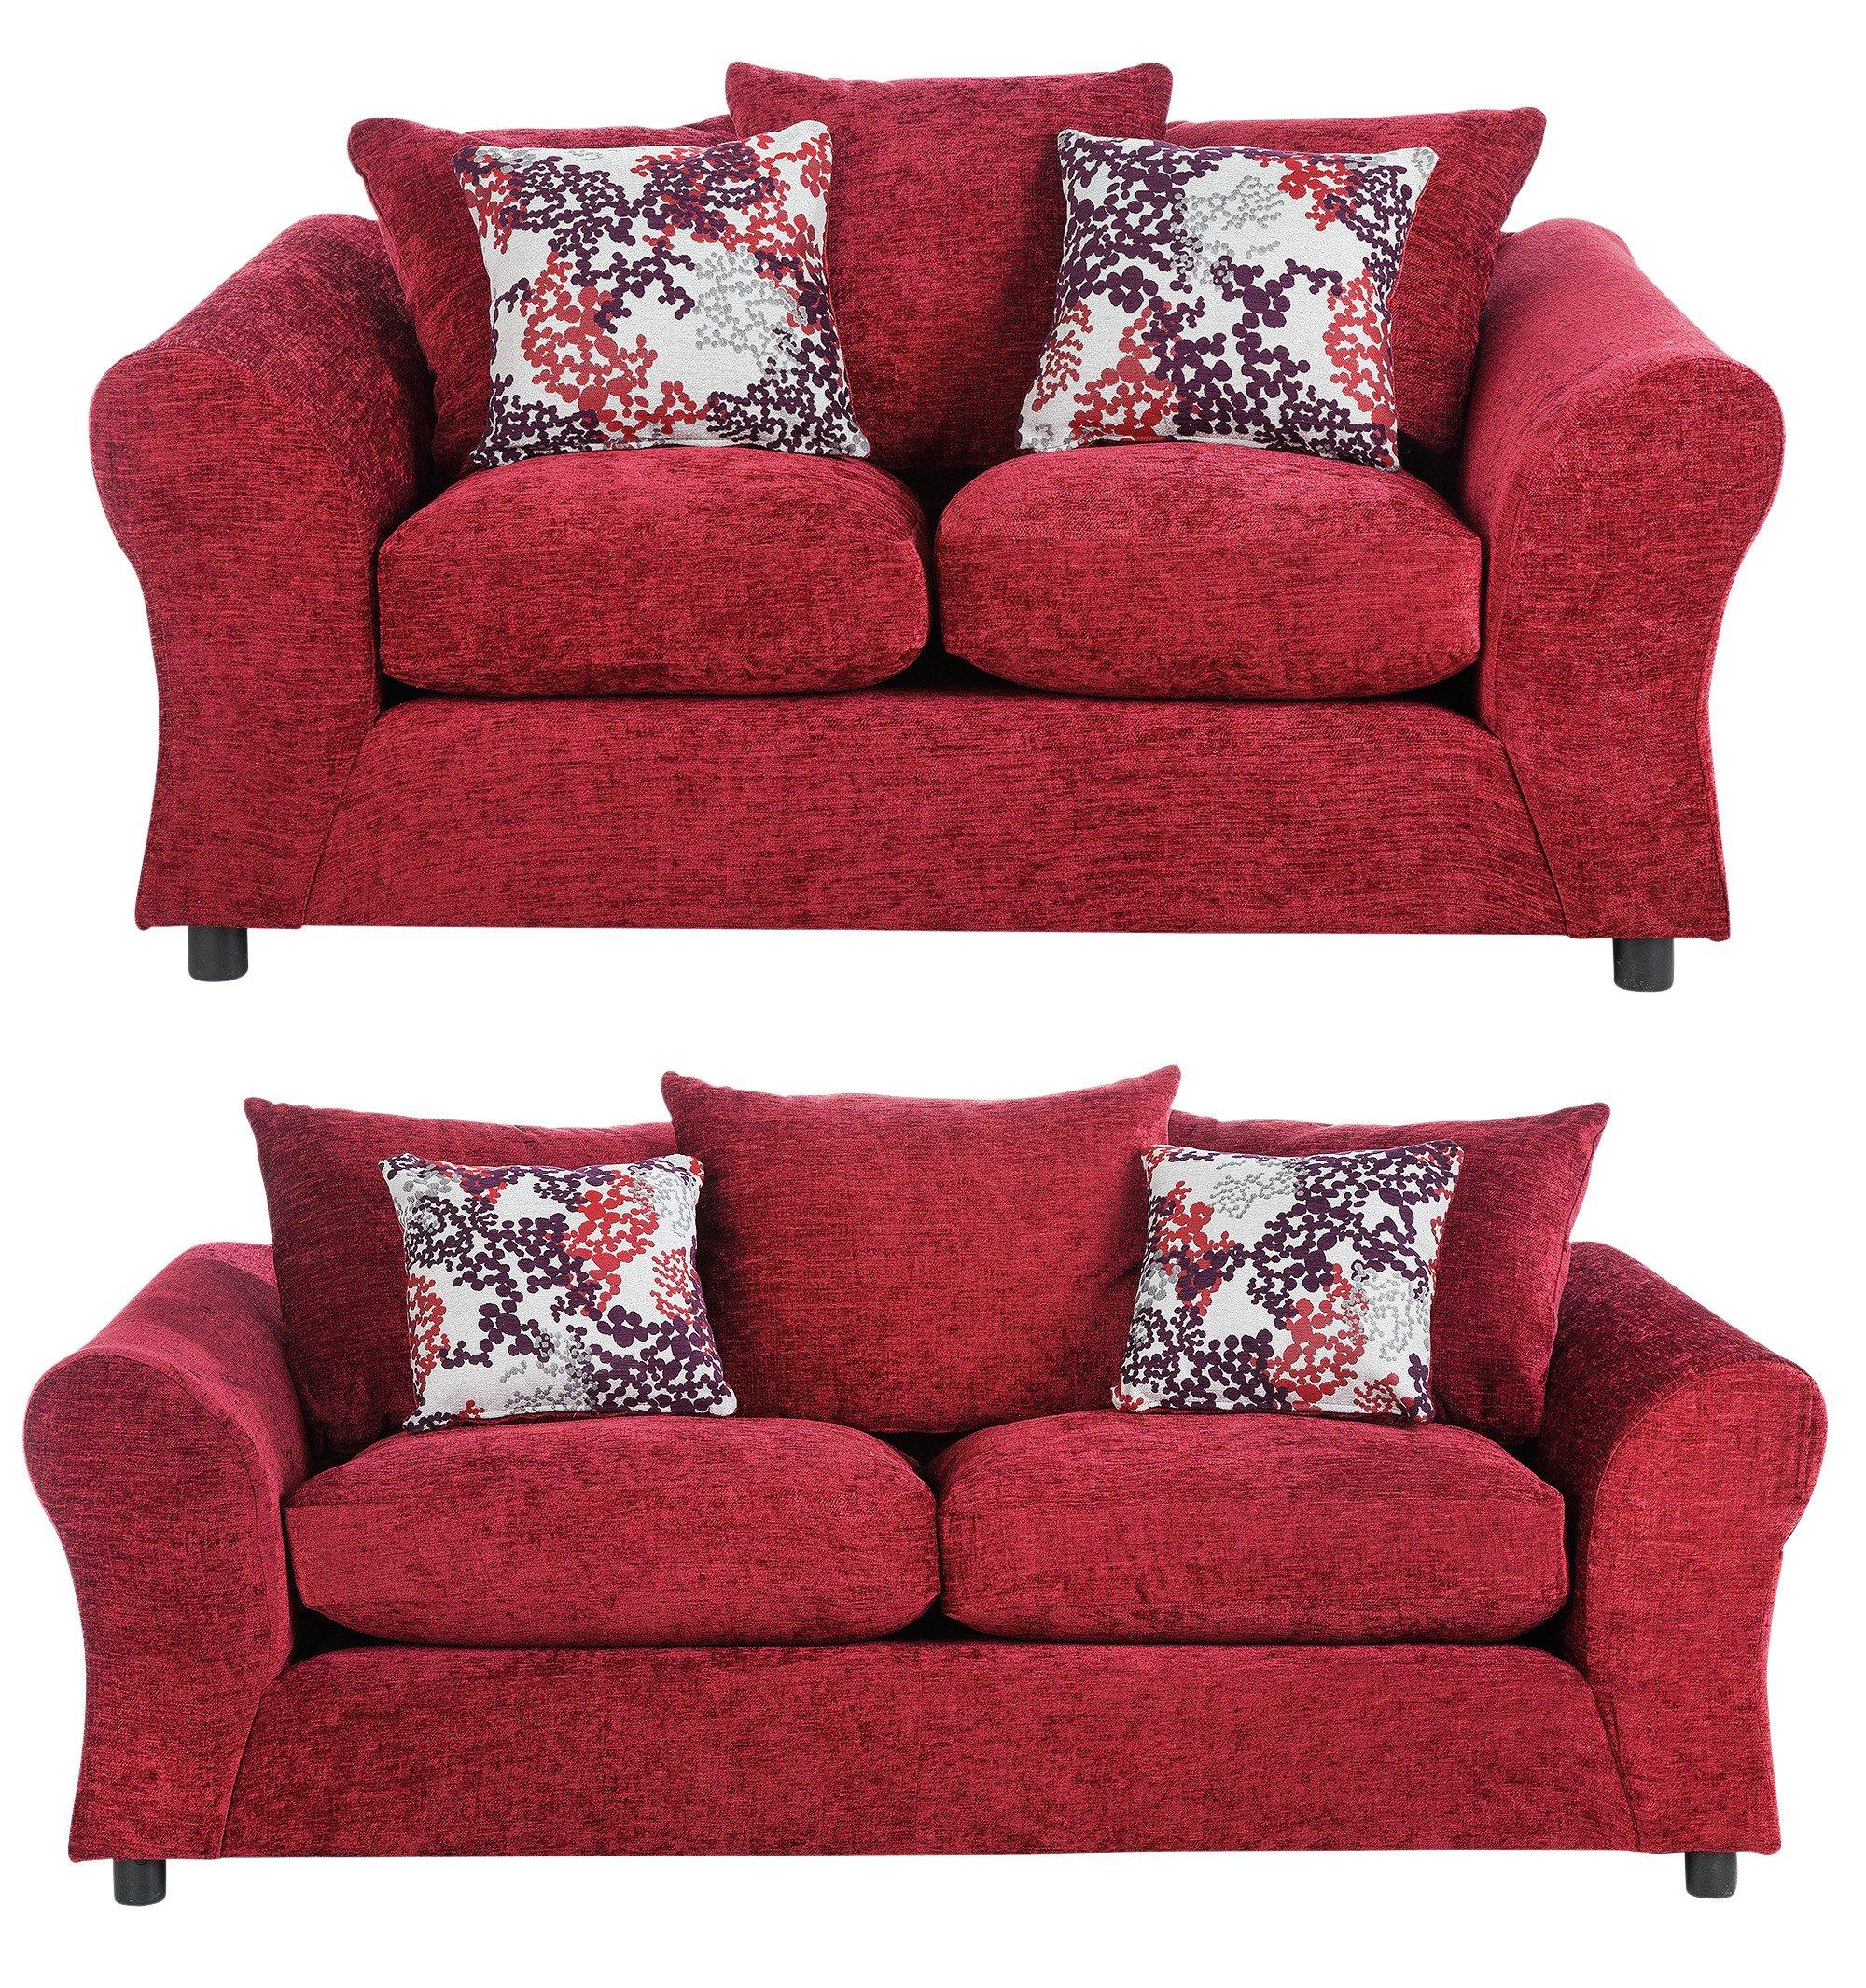 argos ava fabric sofa review mod de no minecraft home clara 3 seat and compact 2 red